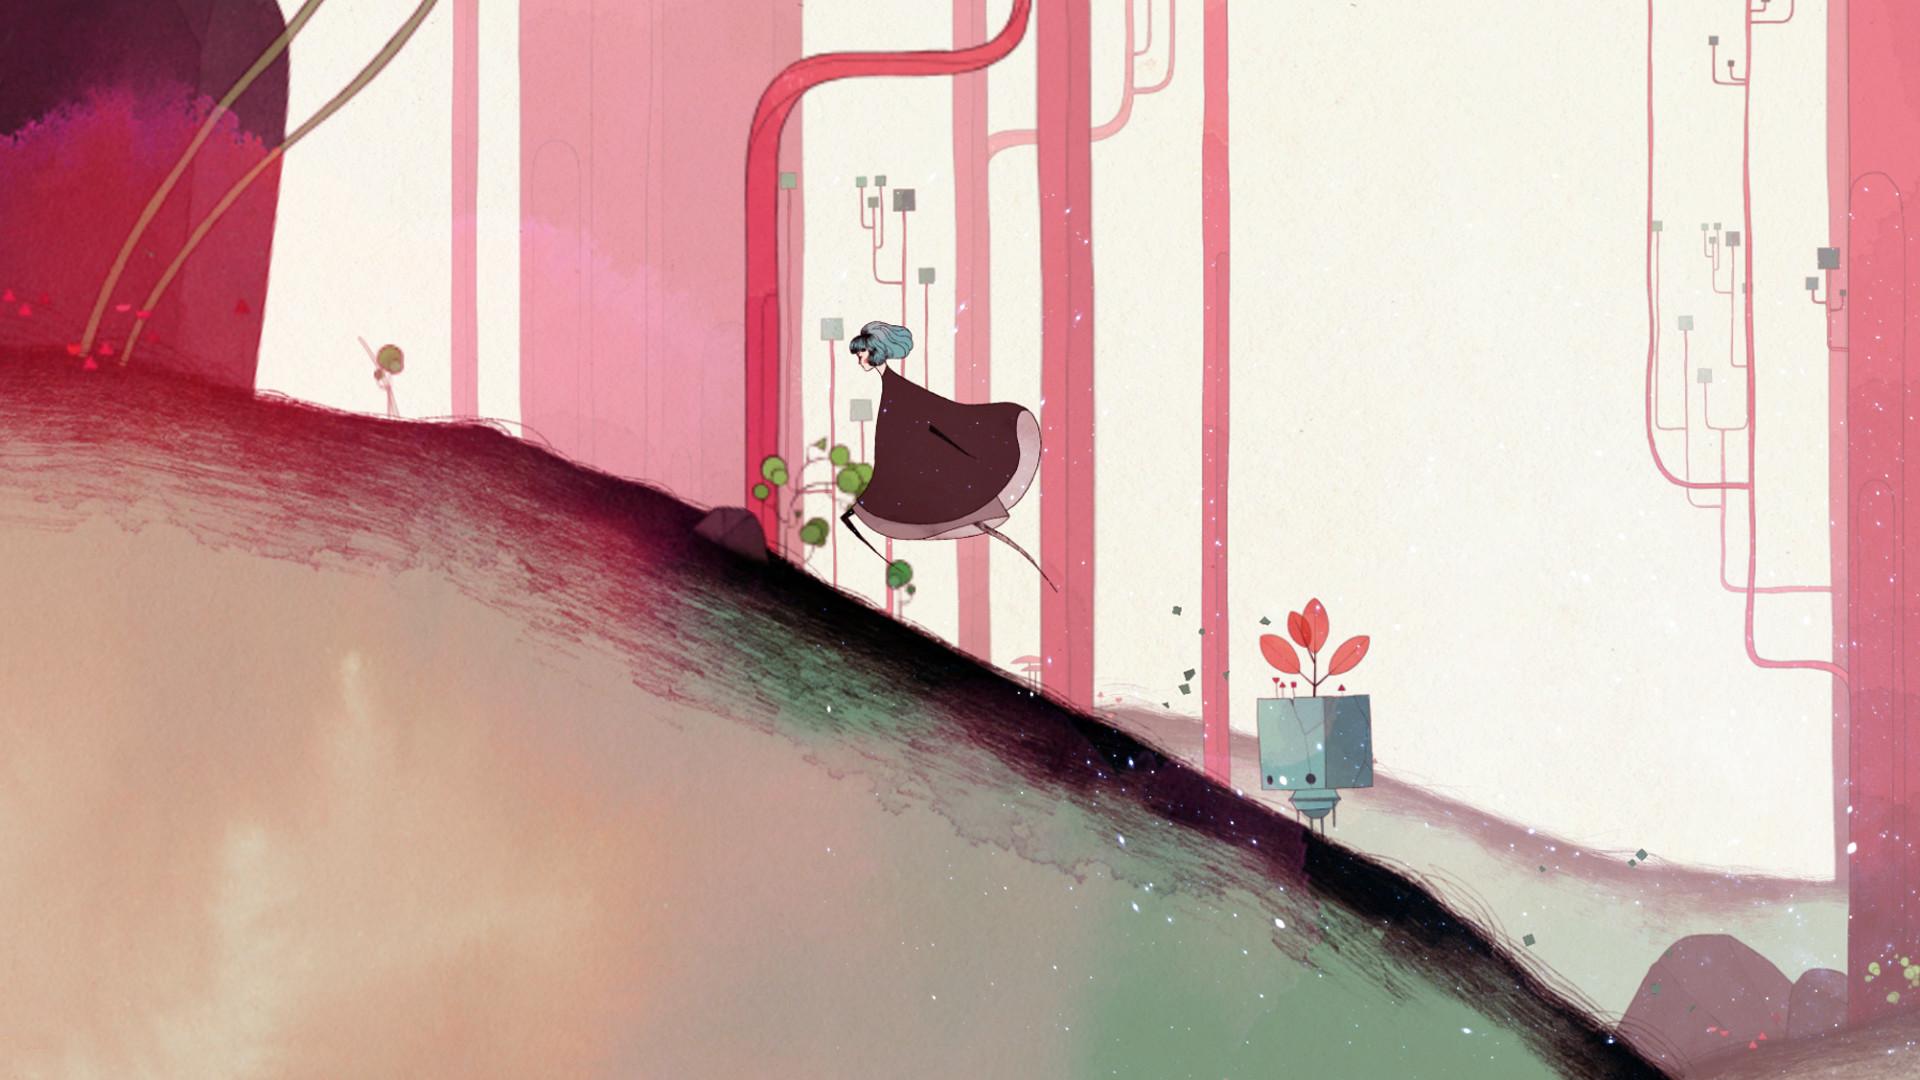 唯美风横版冒险《Gris》8月22日登陆iOS平台图片2